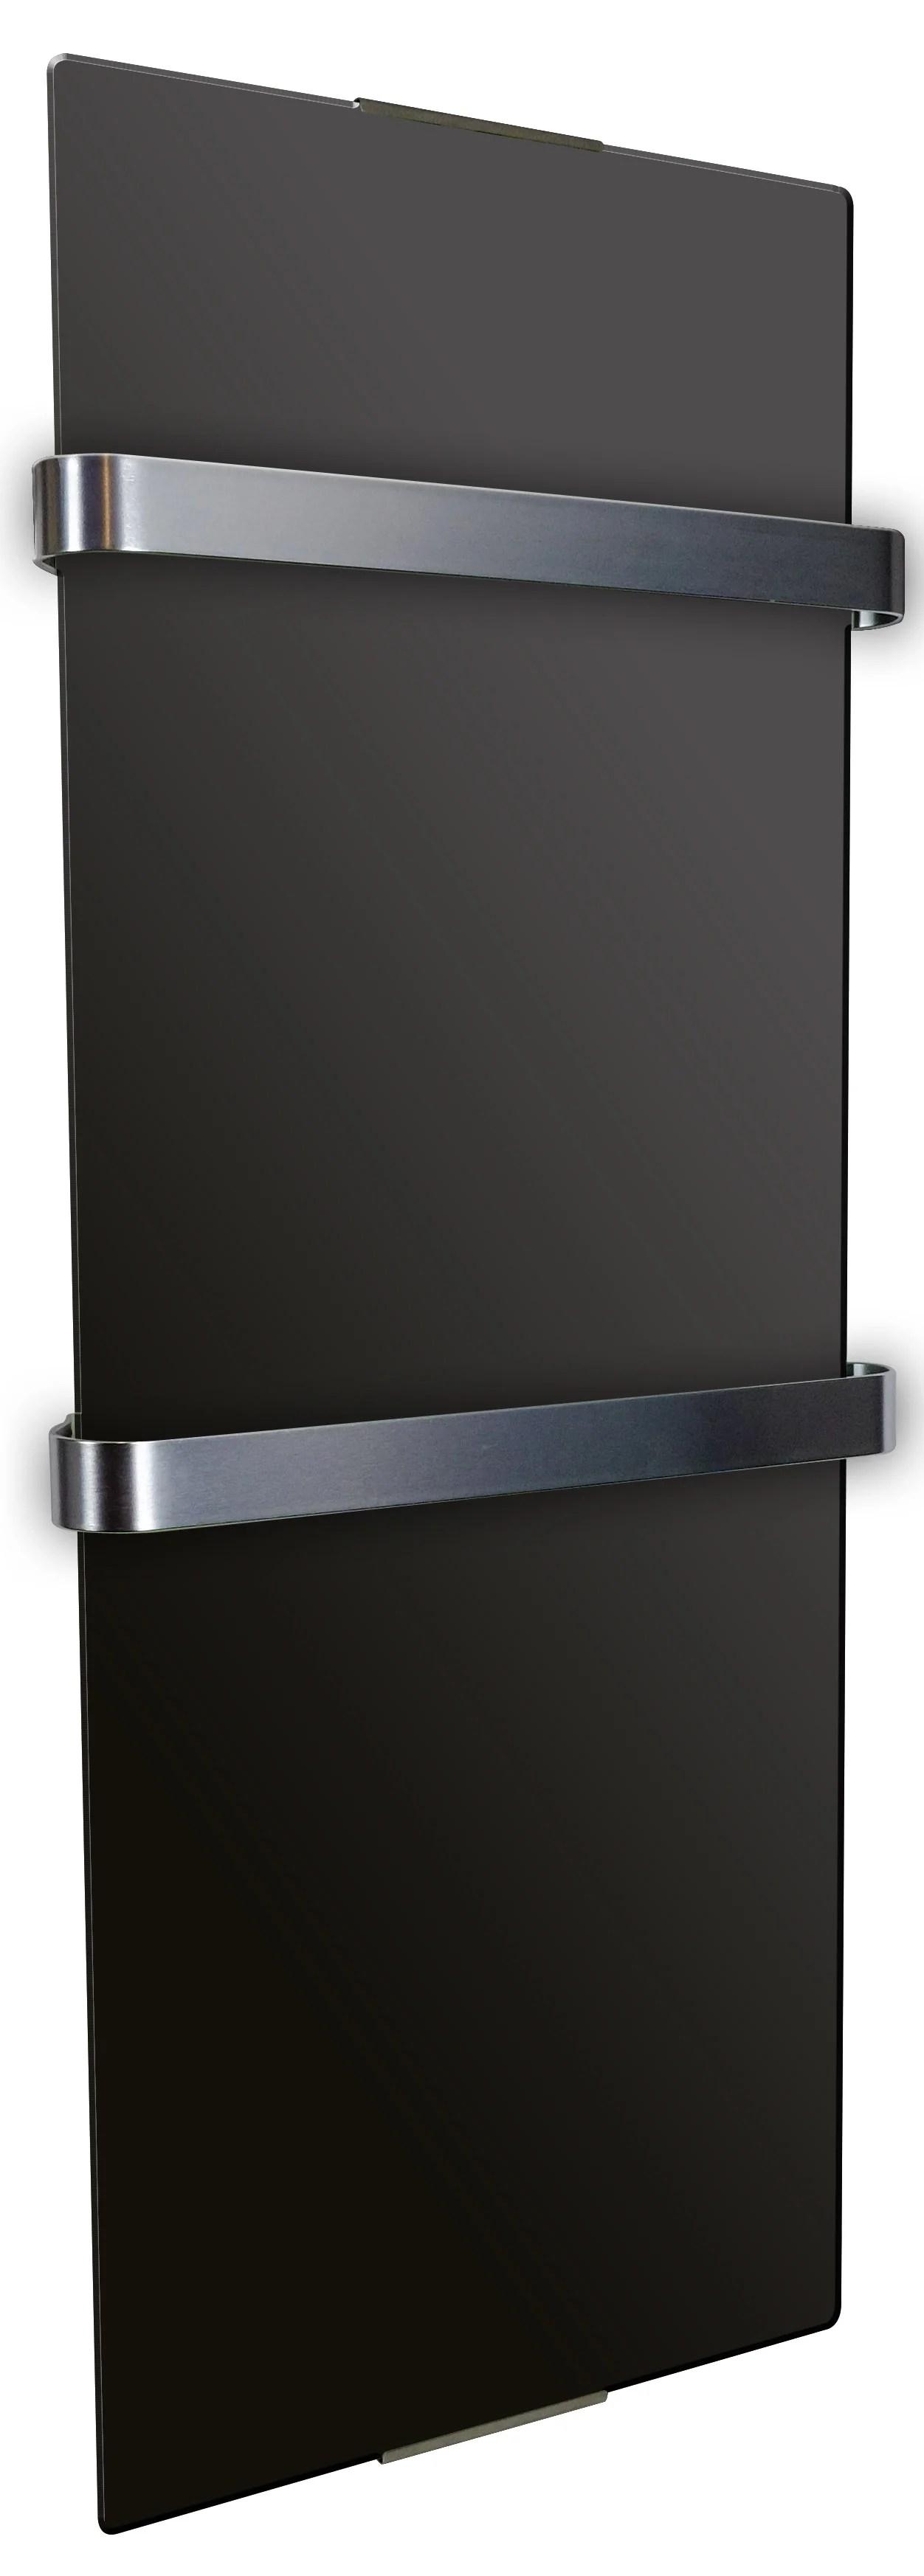 Radiateur Seche Serviette Rayonnant 1200 W Chemin Arte Uni Noir Vertical Leroy Merlin